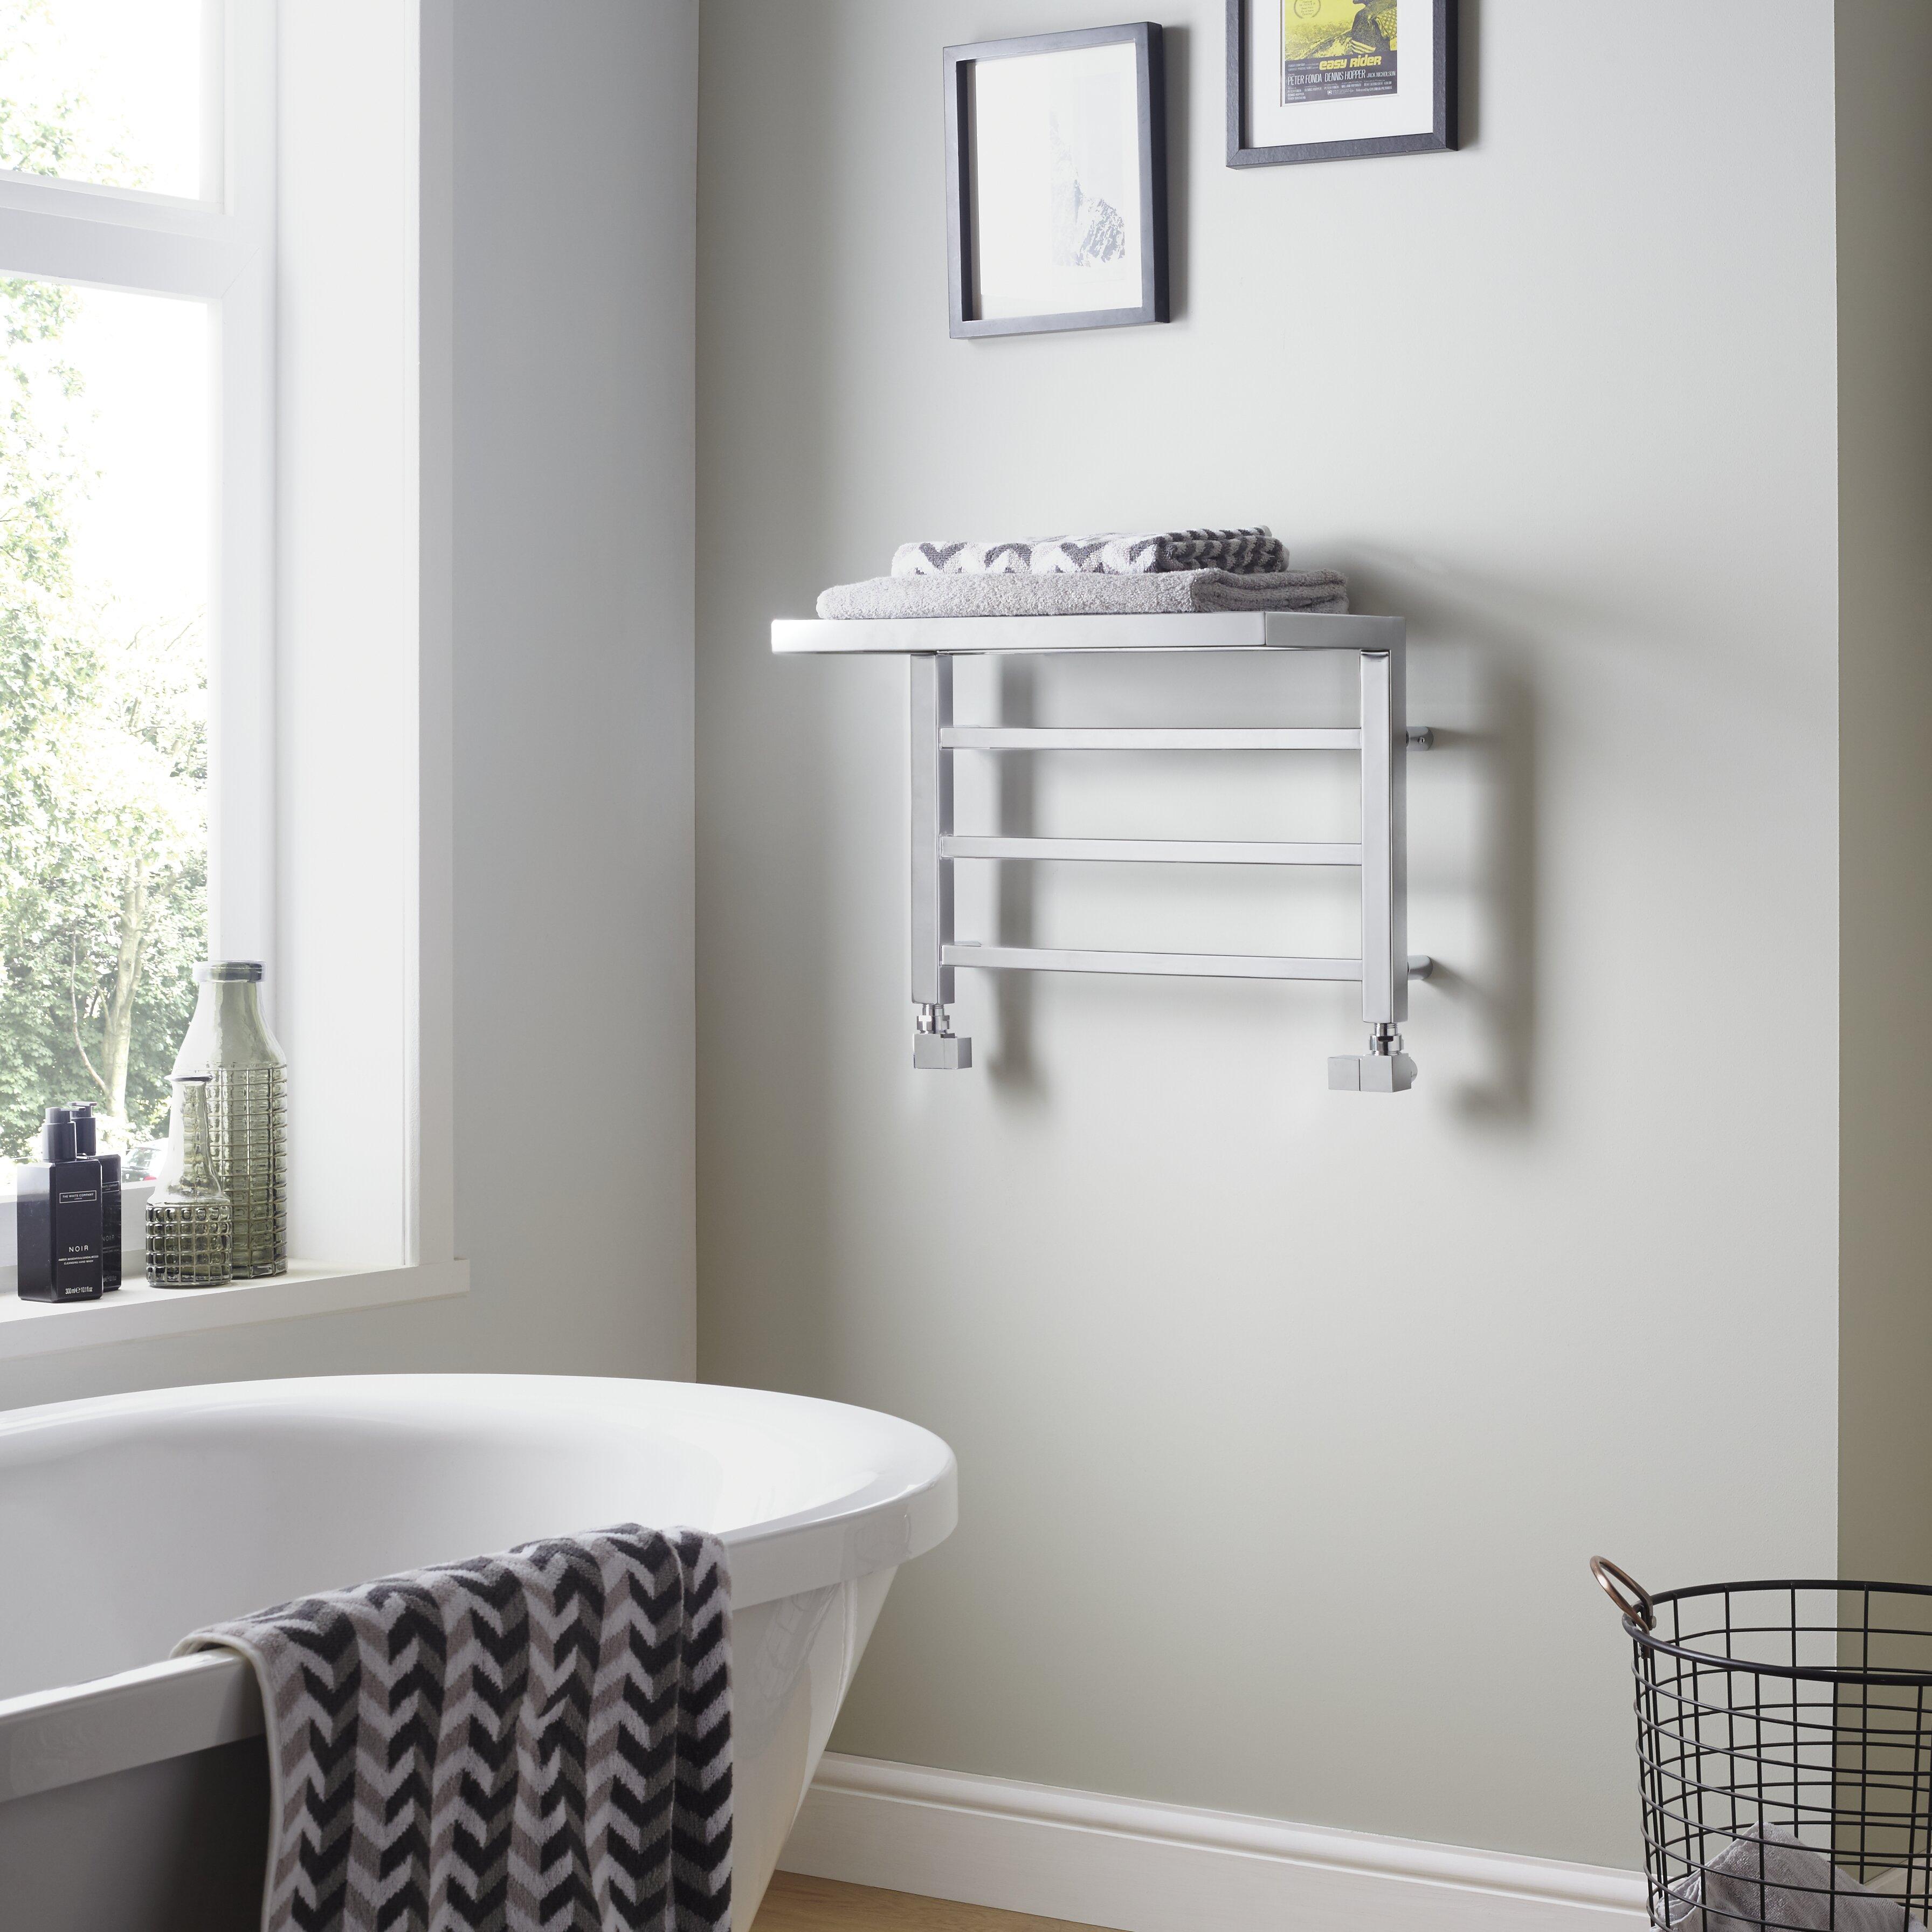 Belfry Heating Holyport Horizontal Heated Designer Towel Rail Reviews Wayfair Co Uk